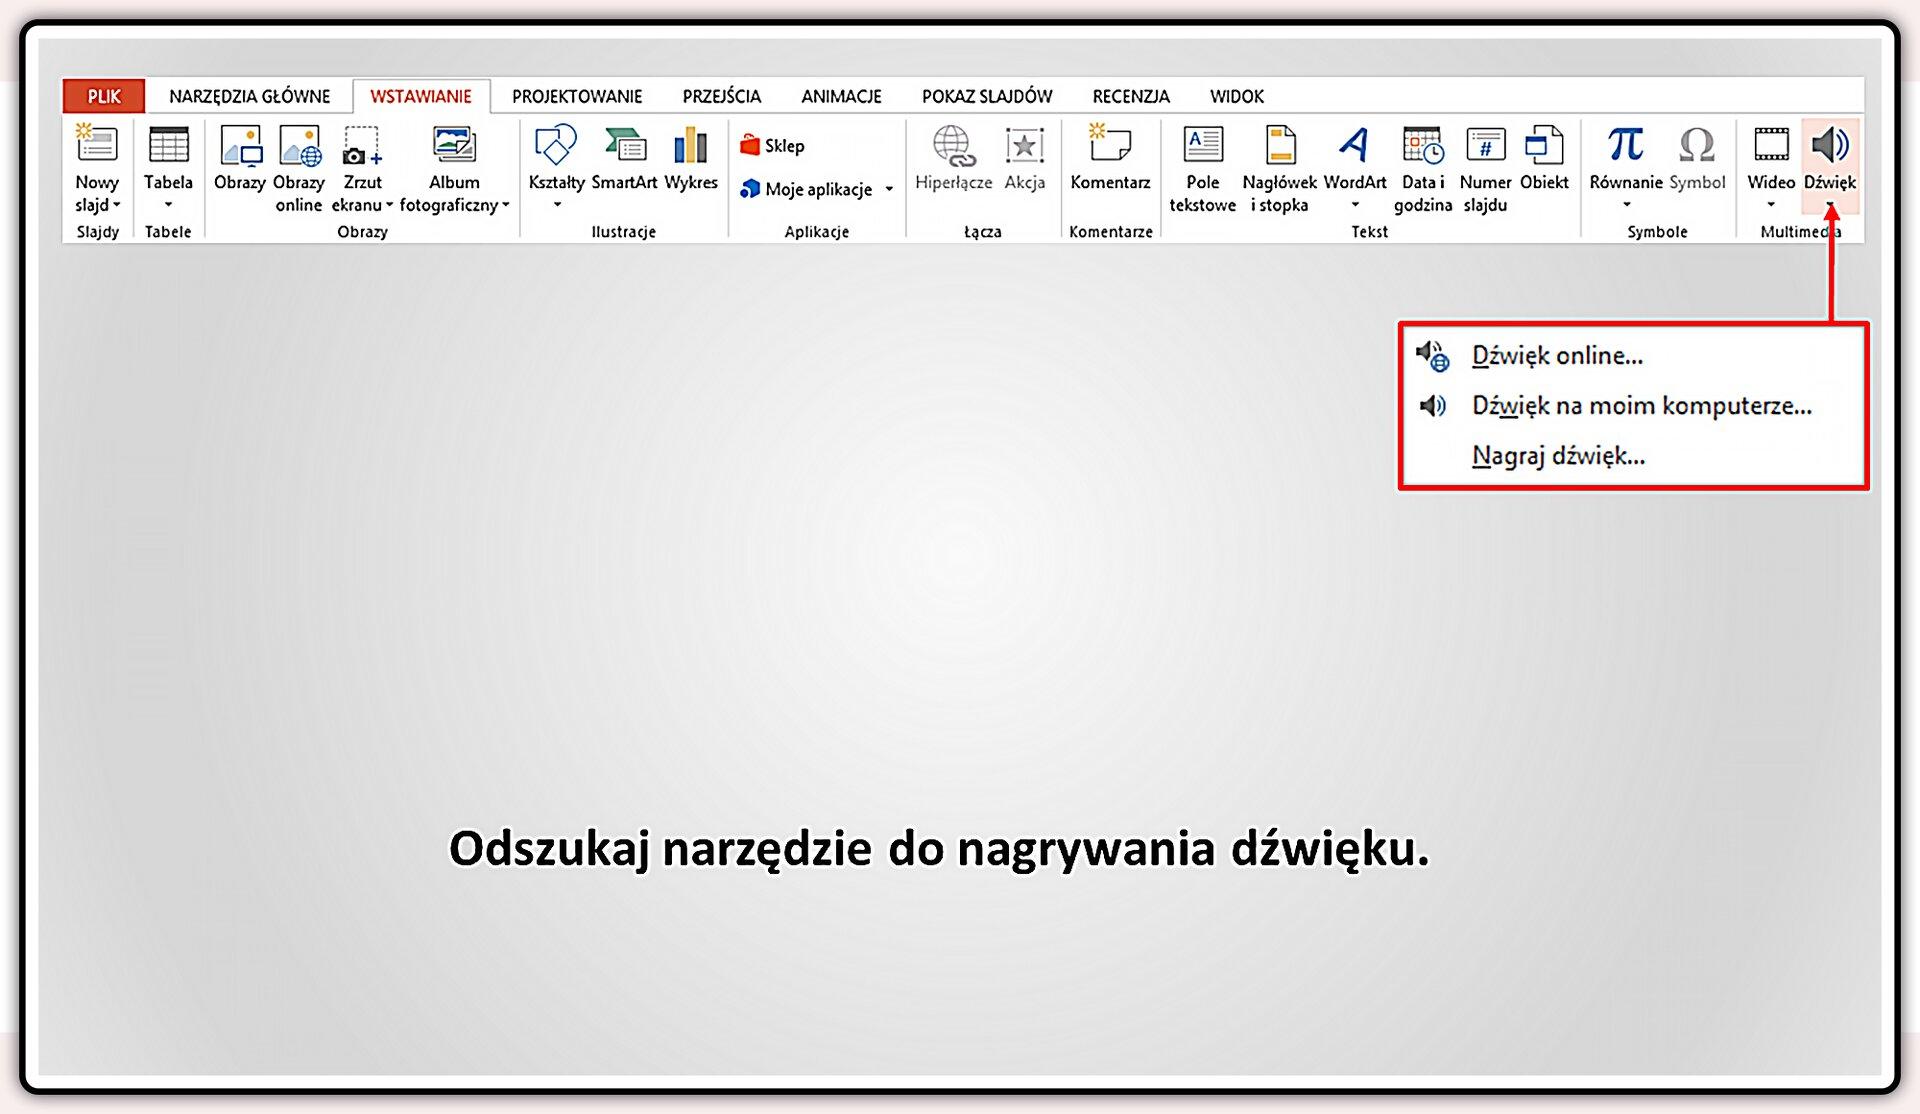 Slajd 2 galerii slajdów pokazu: Nagrywanie komentarza do prezentacji wprogramie MS PowerPoint